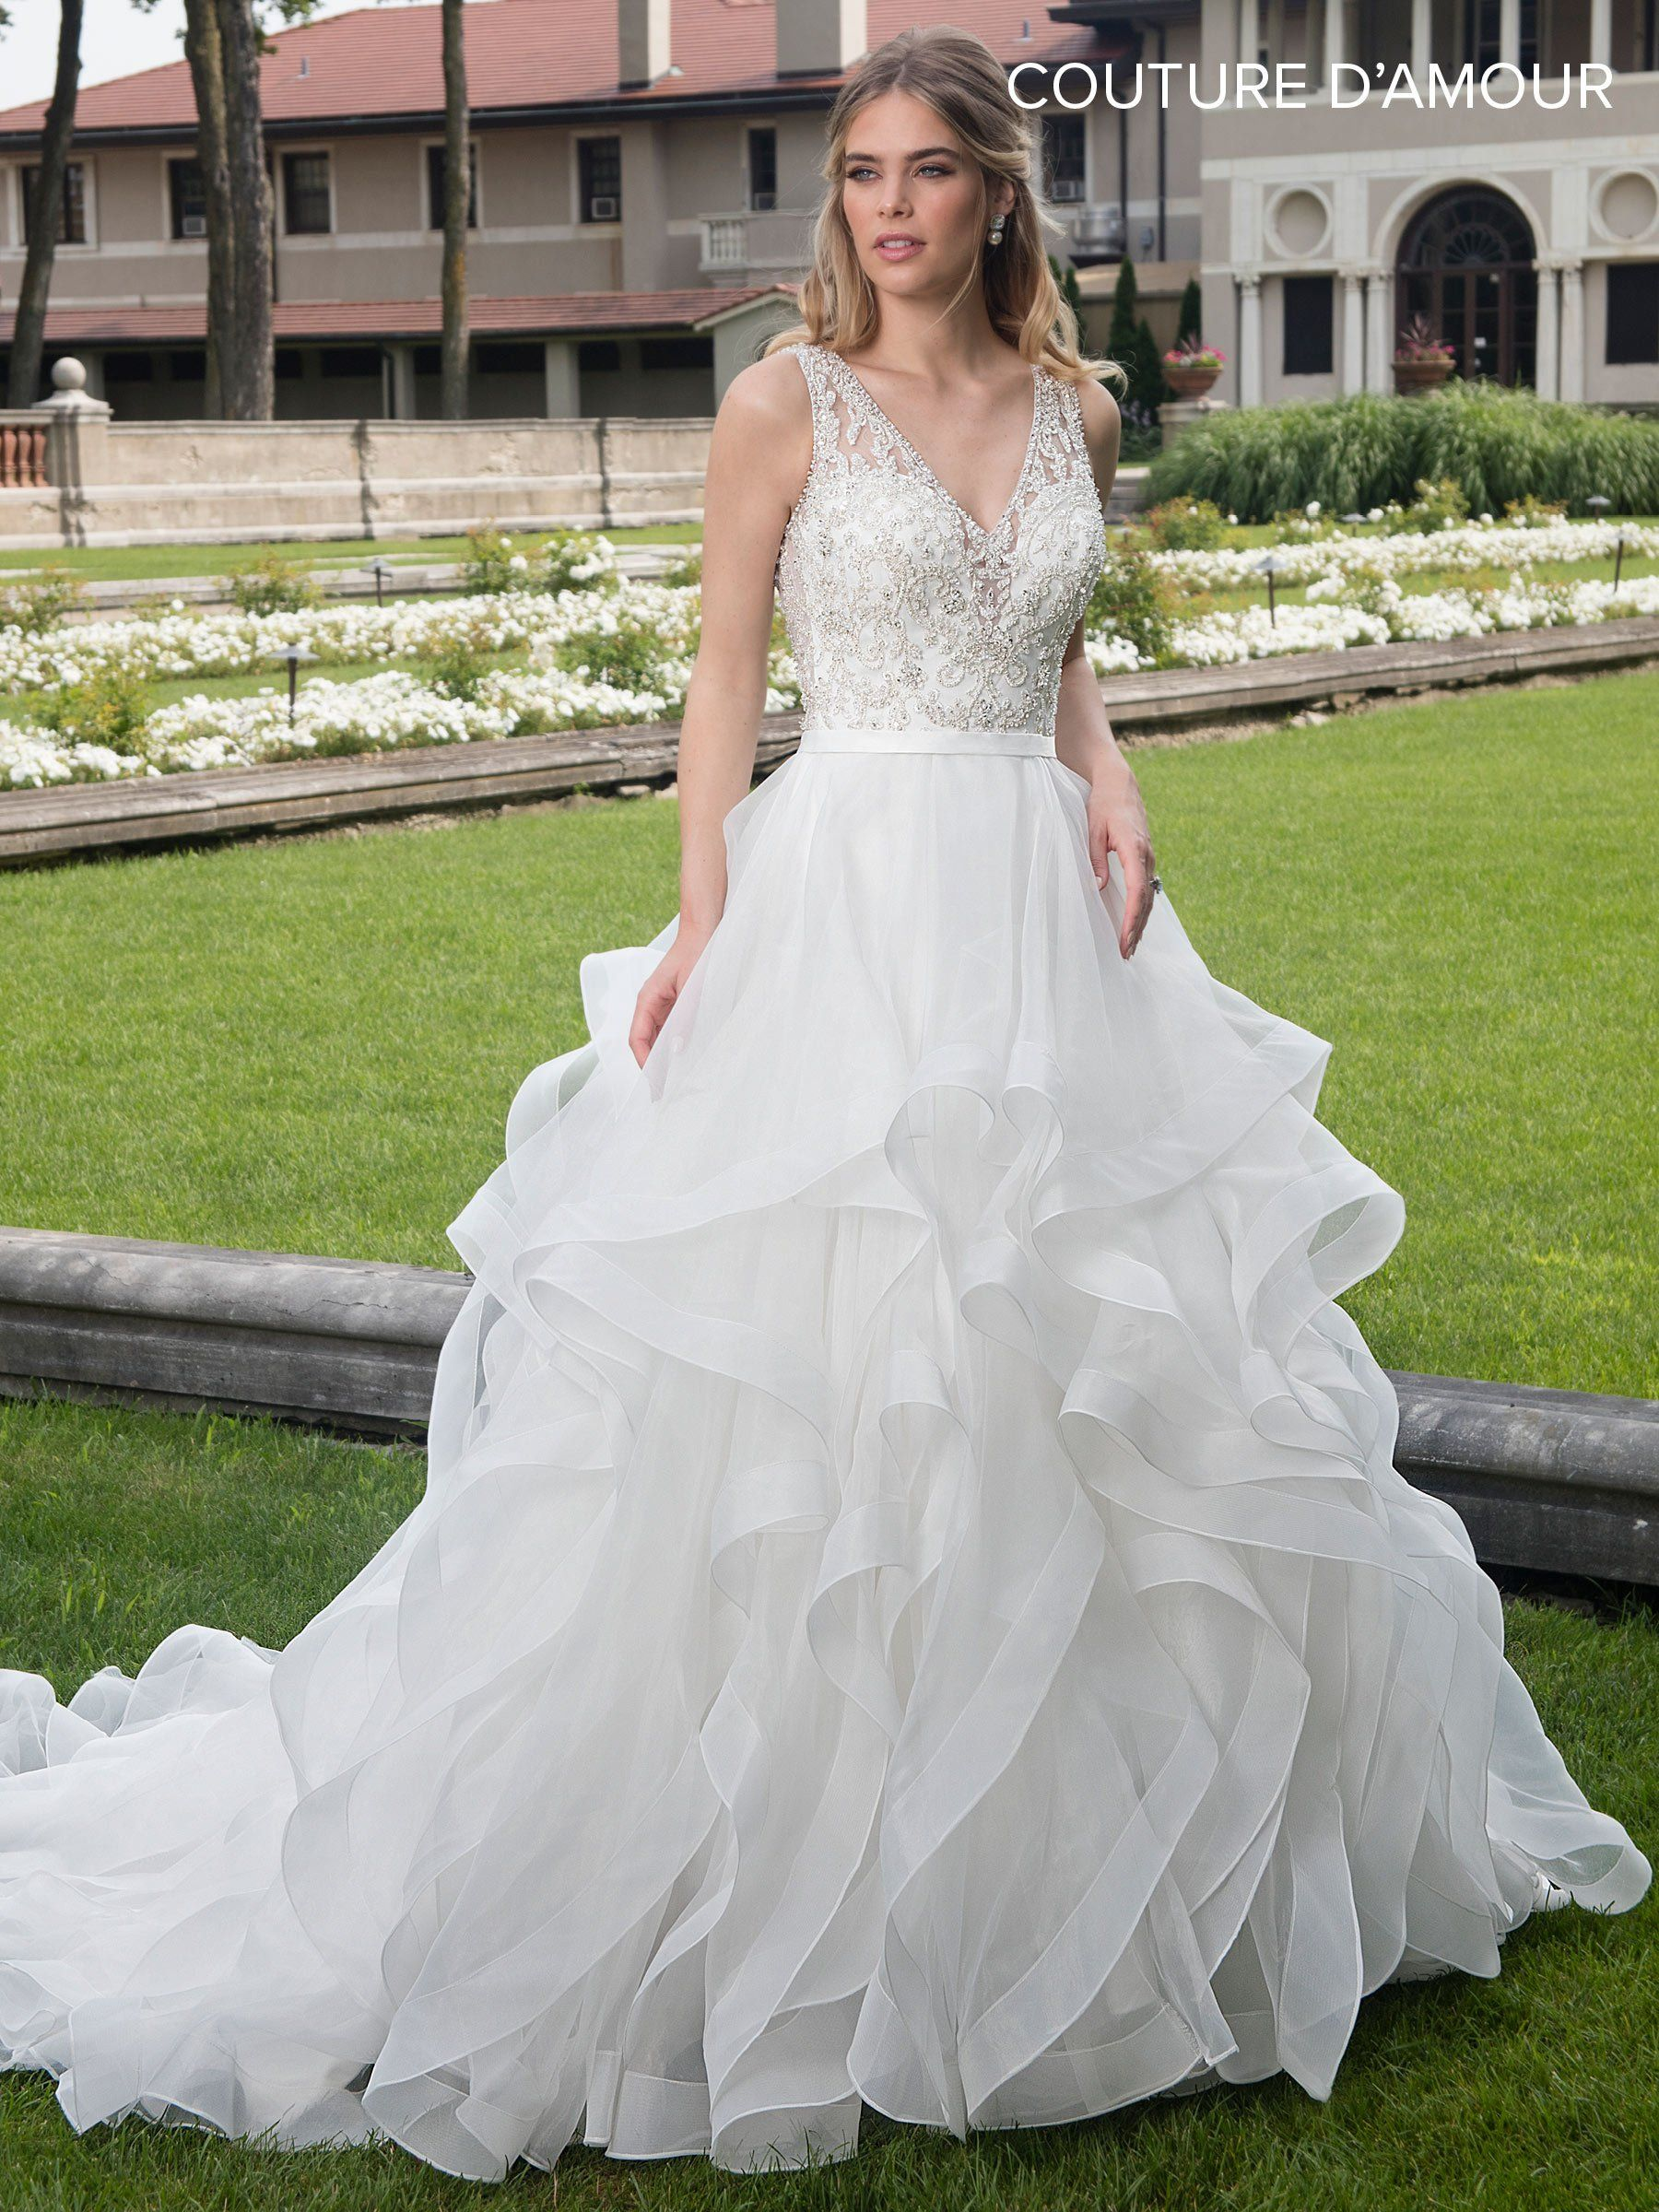 Ruffled vneck wedding dress by maryus bridal mb weddings